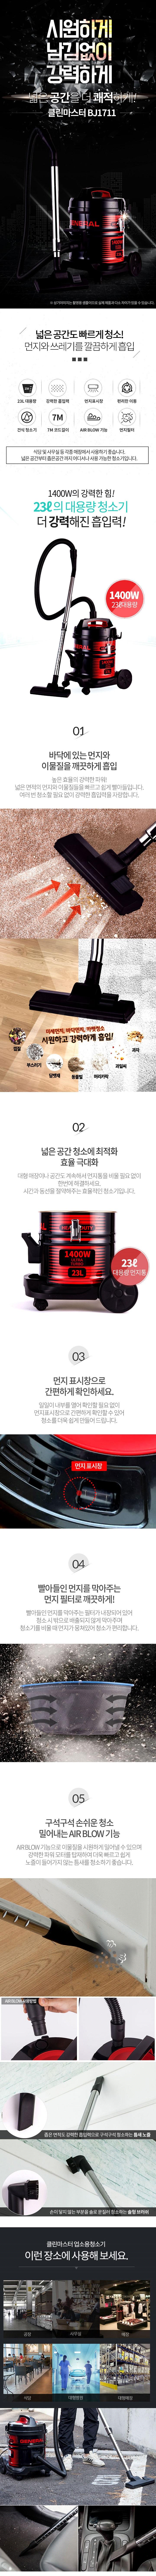 [재원전자] 클린마스터 대용량 업소용 청소기 BJ1711_2.jpg